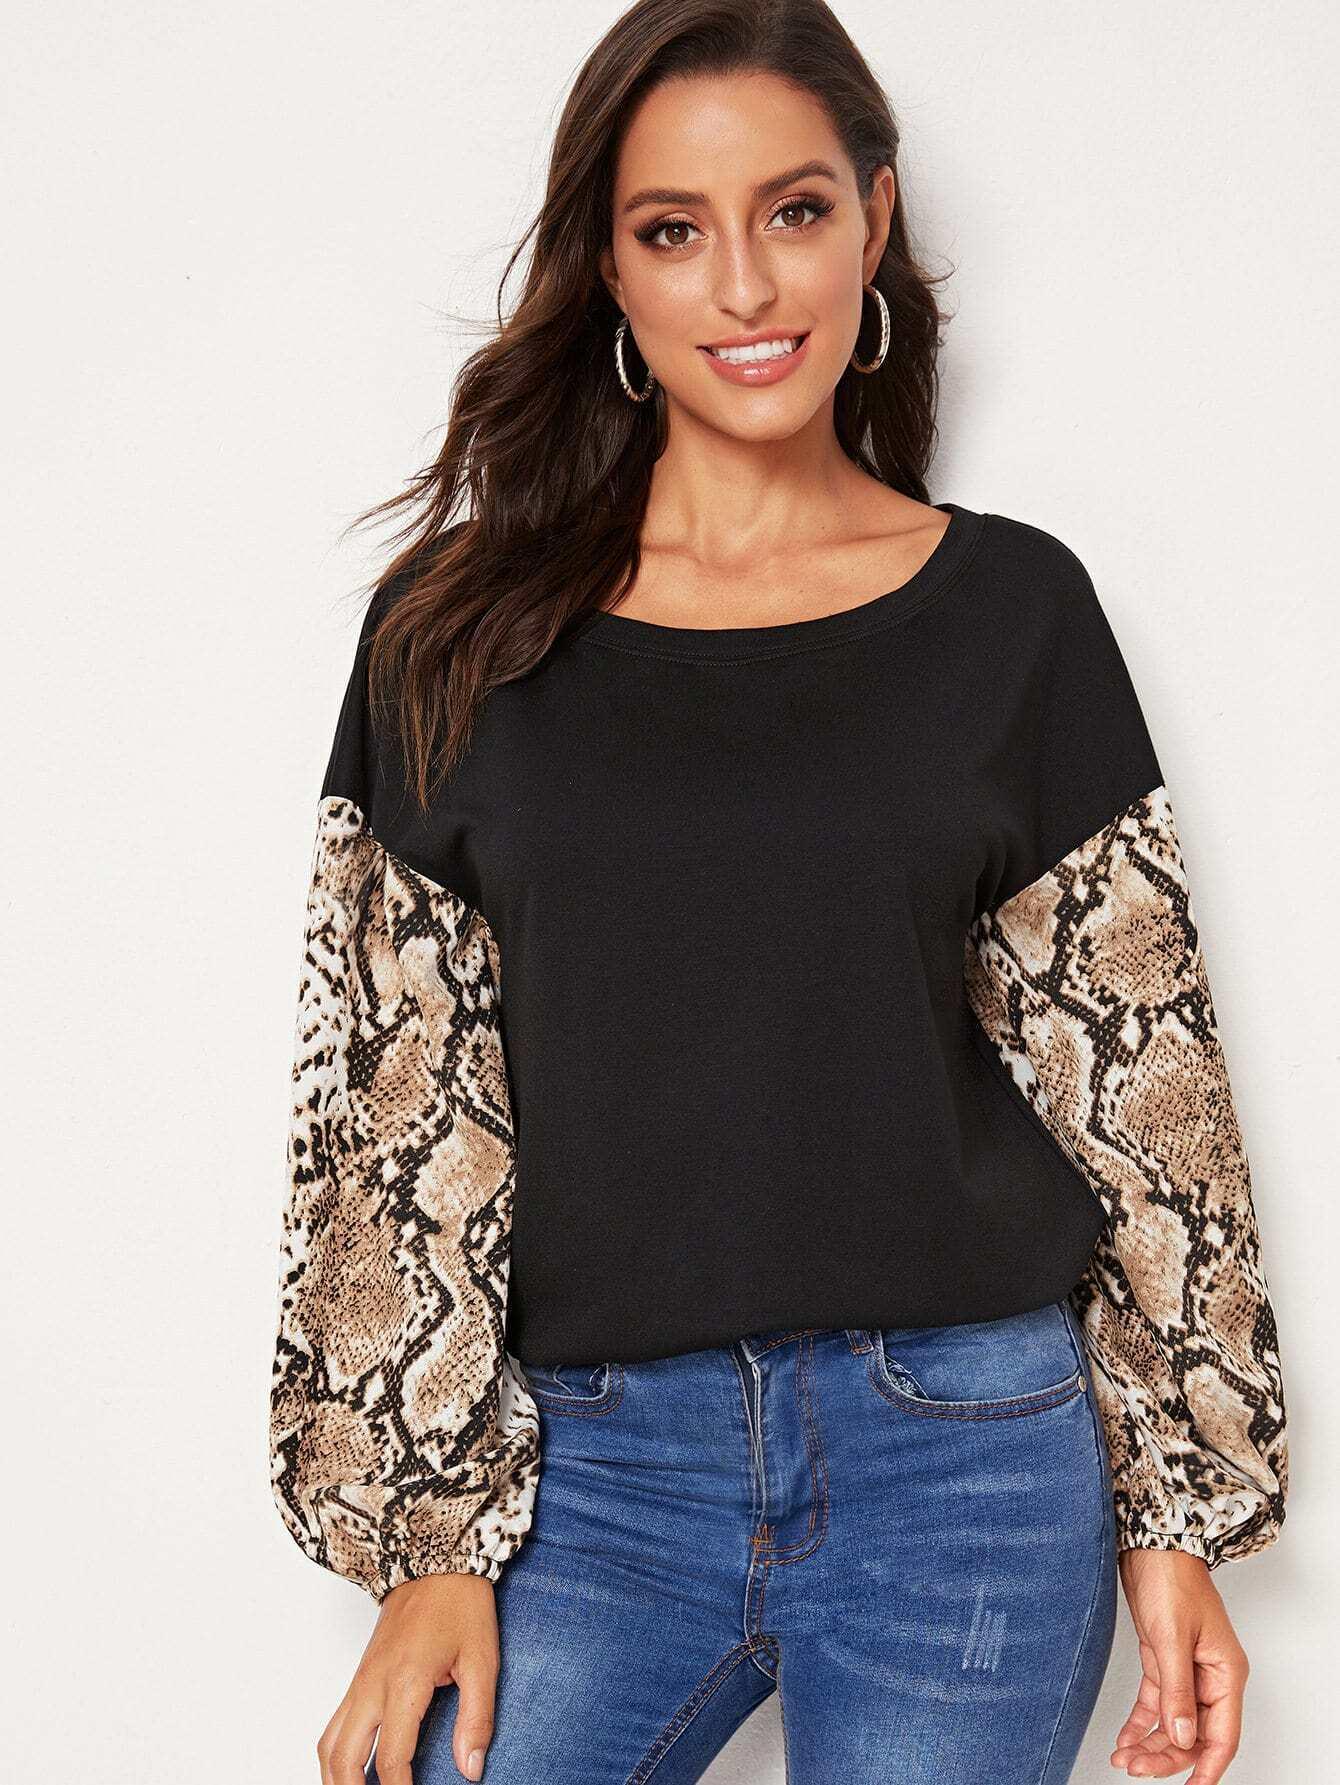 Фото - Пуловер с змеиным принтом и заниженной линией плеч от SheIn цвет многоцветный